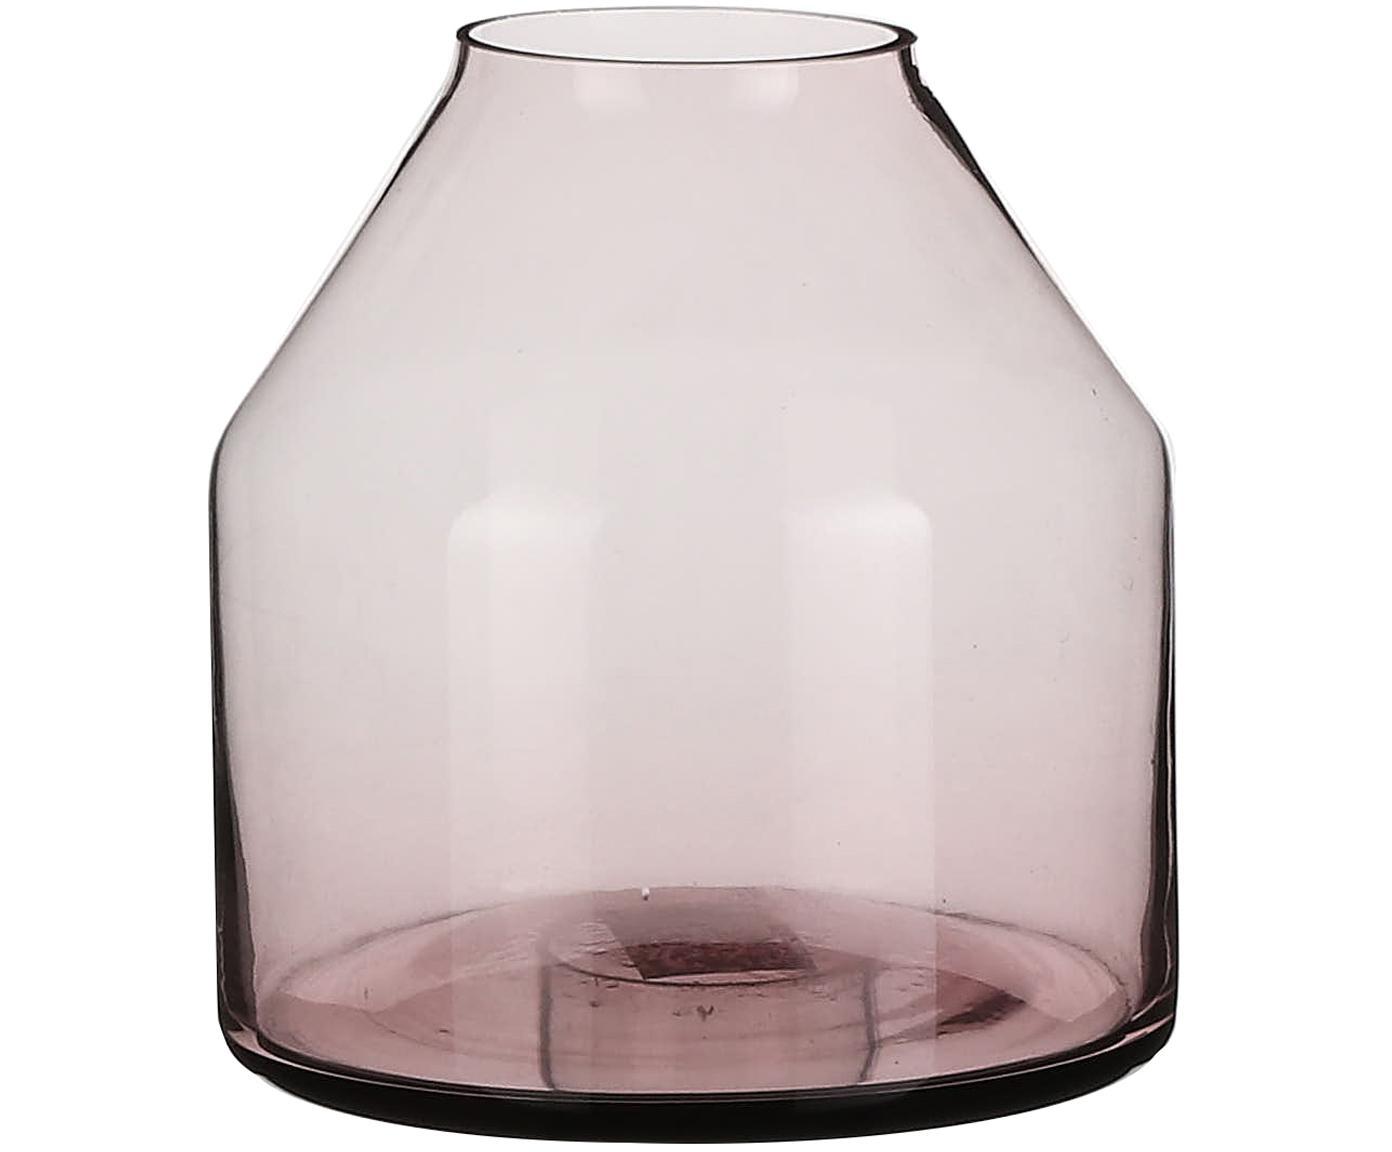 Mały wazon ze szkła Farah, Szkło, Purpurowy, transparentny, Ø 15 x W 15 cm